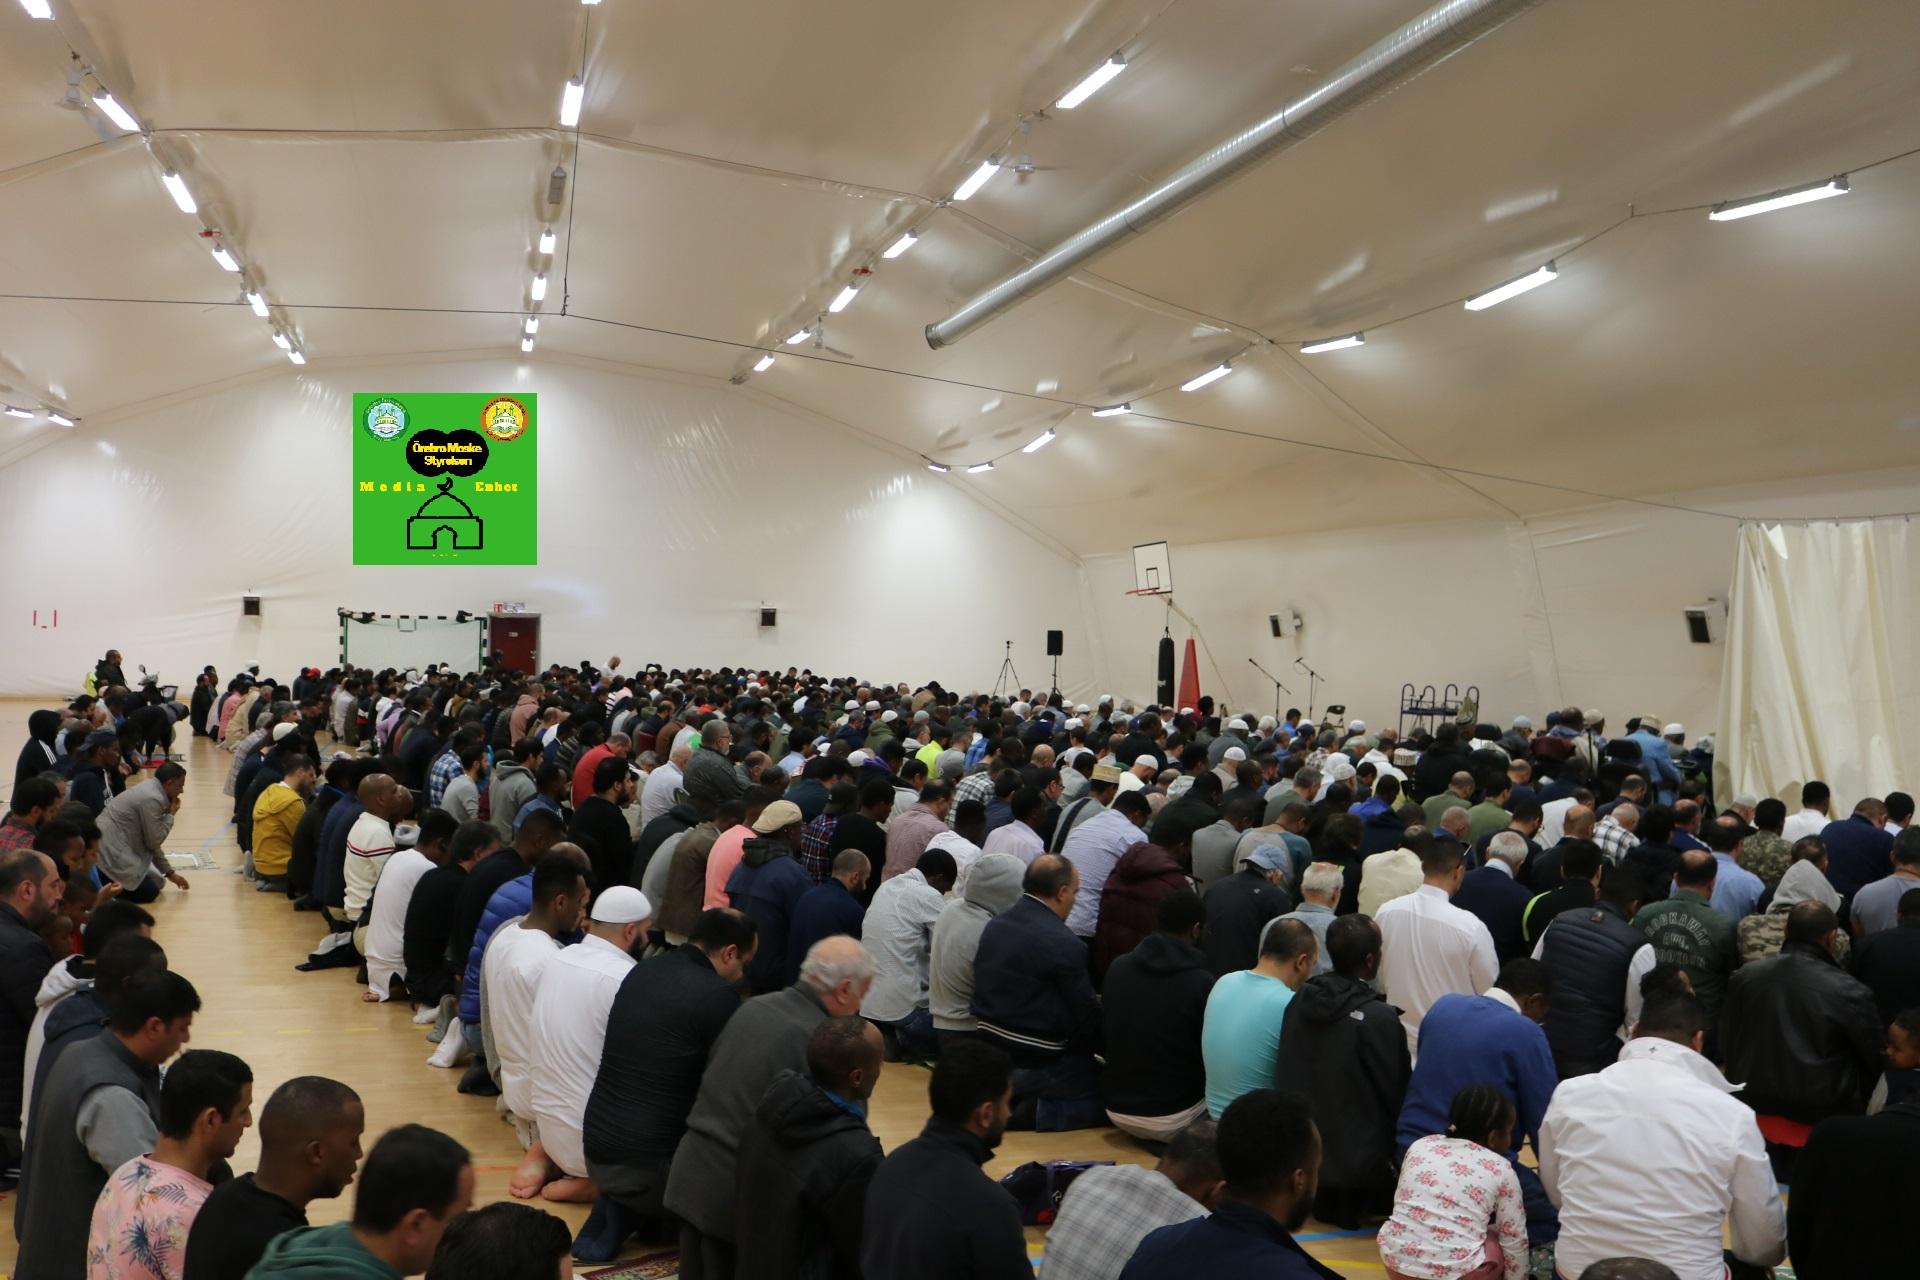 """فائدة: شهر الله المحرم: فائدة مأخوذة من خطبة اليوم الهجرة دروس وعبر *************************** Shikh Abu Husam Hariri - 06/09/2019 *************************** Friday Bön - Friday Prayers - صلاة الجمعة *************************** FILMED ON LOCATION *************************** Ballonghallen i Örebro """"En tillfällig plats efter moskén brändes"""" *************************** Sverige - السويد – Sweden ************************************************ DIRECTED BY ********************************* A.Al-N ********************************* Effected Video (Facebook) ********************************* Irakier i Örebro - Iraqis in Orebro (Facebook) ********************************* Örebro moské älskare - Orebro mosque lovers - محبي مسجد اوربرو (Facebook) ************************************************ Effected Video (YouTube) http://www.youtube.com/channel/UCSEb-ibpdTXYFwLsCf8E3Aw ************************************************ Baghdad forever (YouTube)http://www.youtube.com/user/baghdadiforever"""